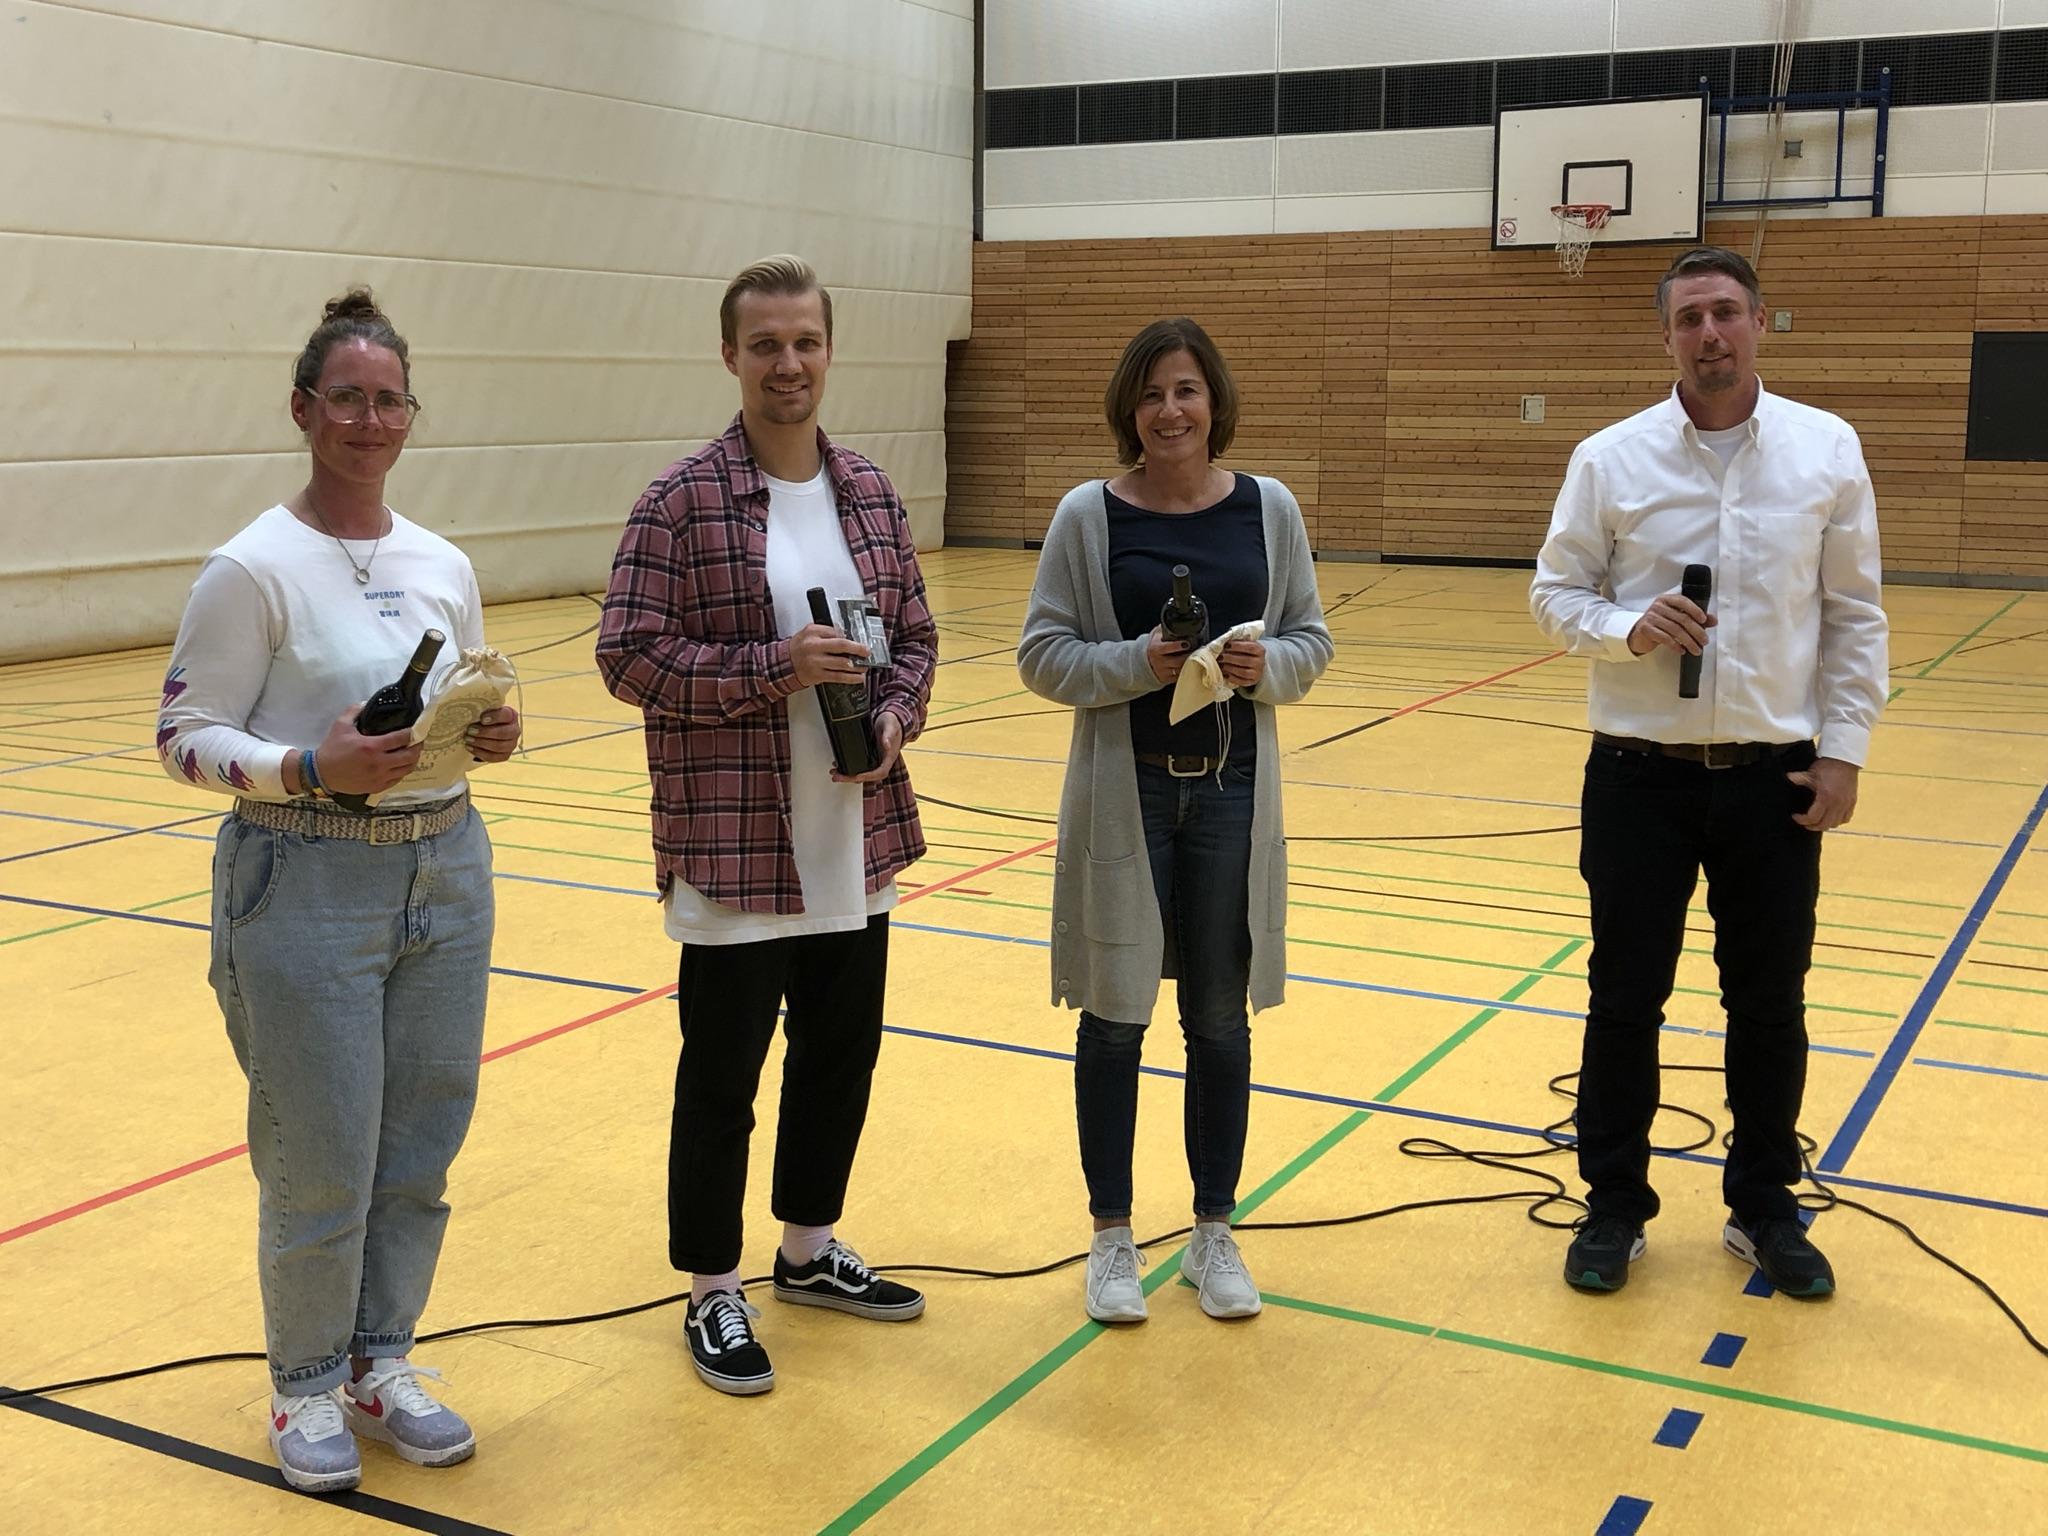 Die Mitarbeiter Sandra Oelze (l.), Matthias Patock (2. v. l.) und Claudia Braun werden geehrt.